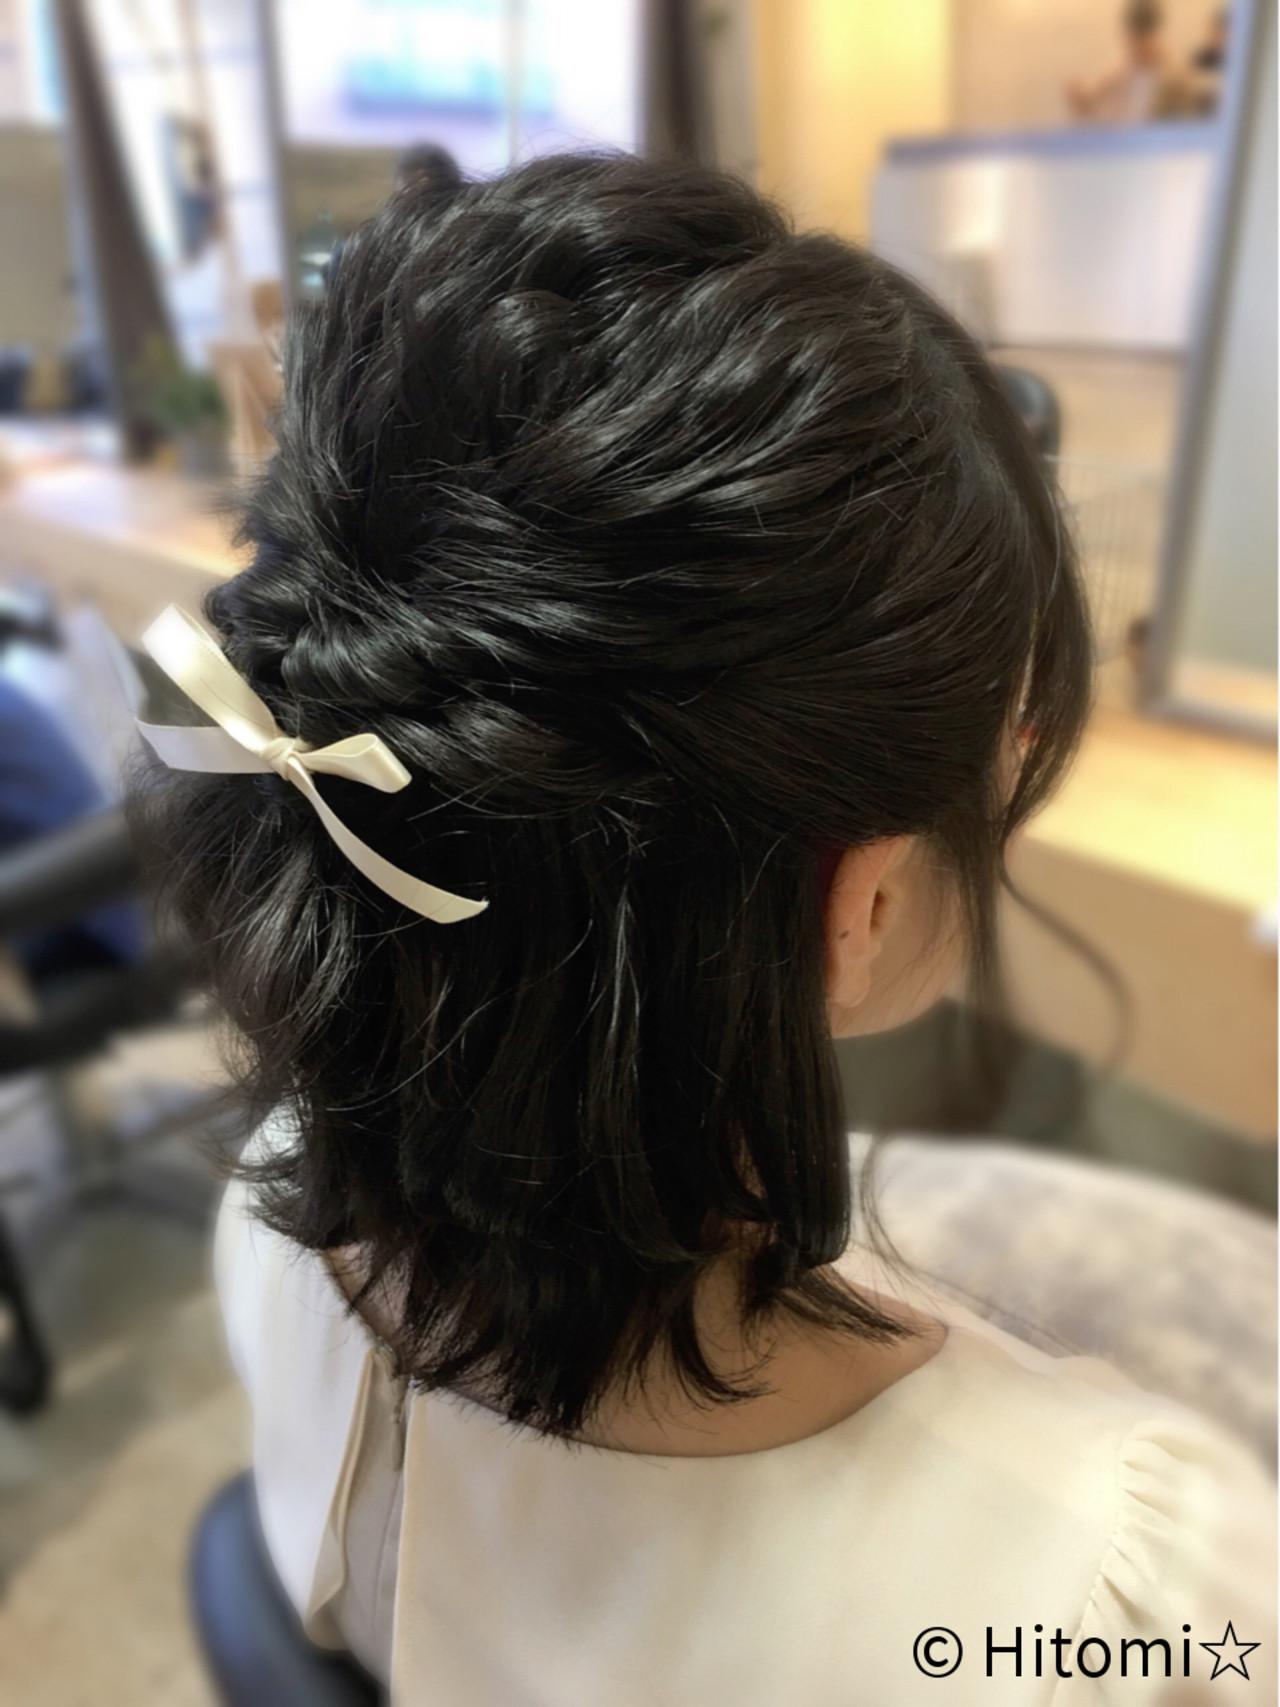 ボブ ハーフアップ ヘアアレンジ 結婚式 ヘアスタイルや髪型の写真・画像